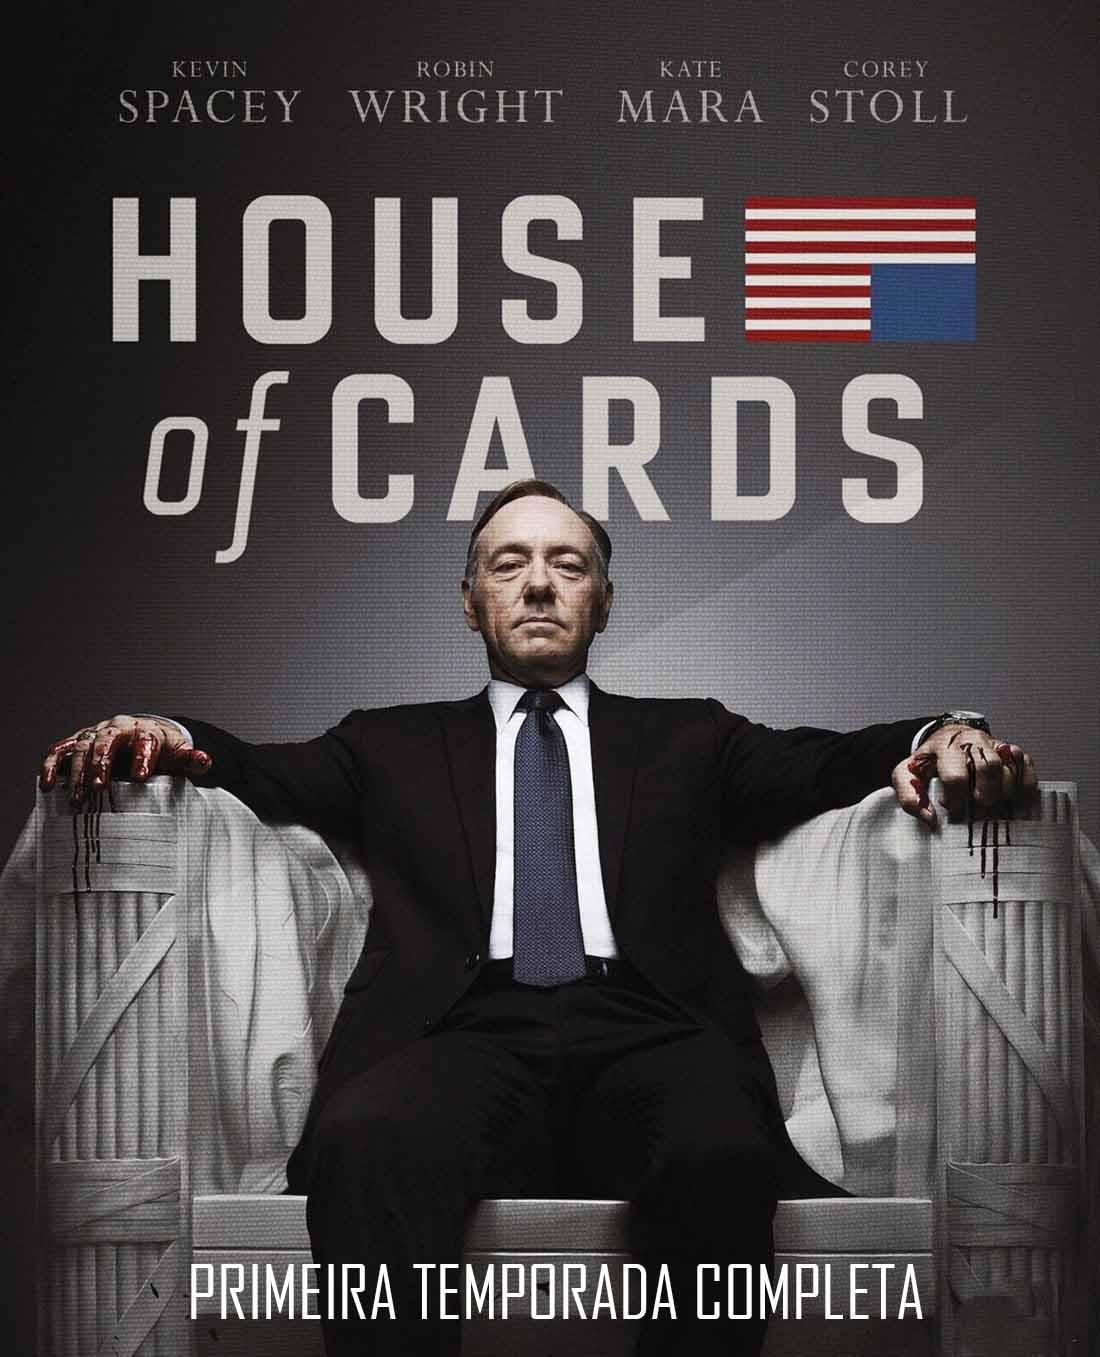 House of Cards 1ª Temporada Torrent - Blu-ray Rip 720p Dublado (2013)